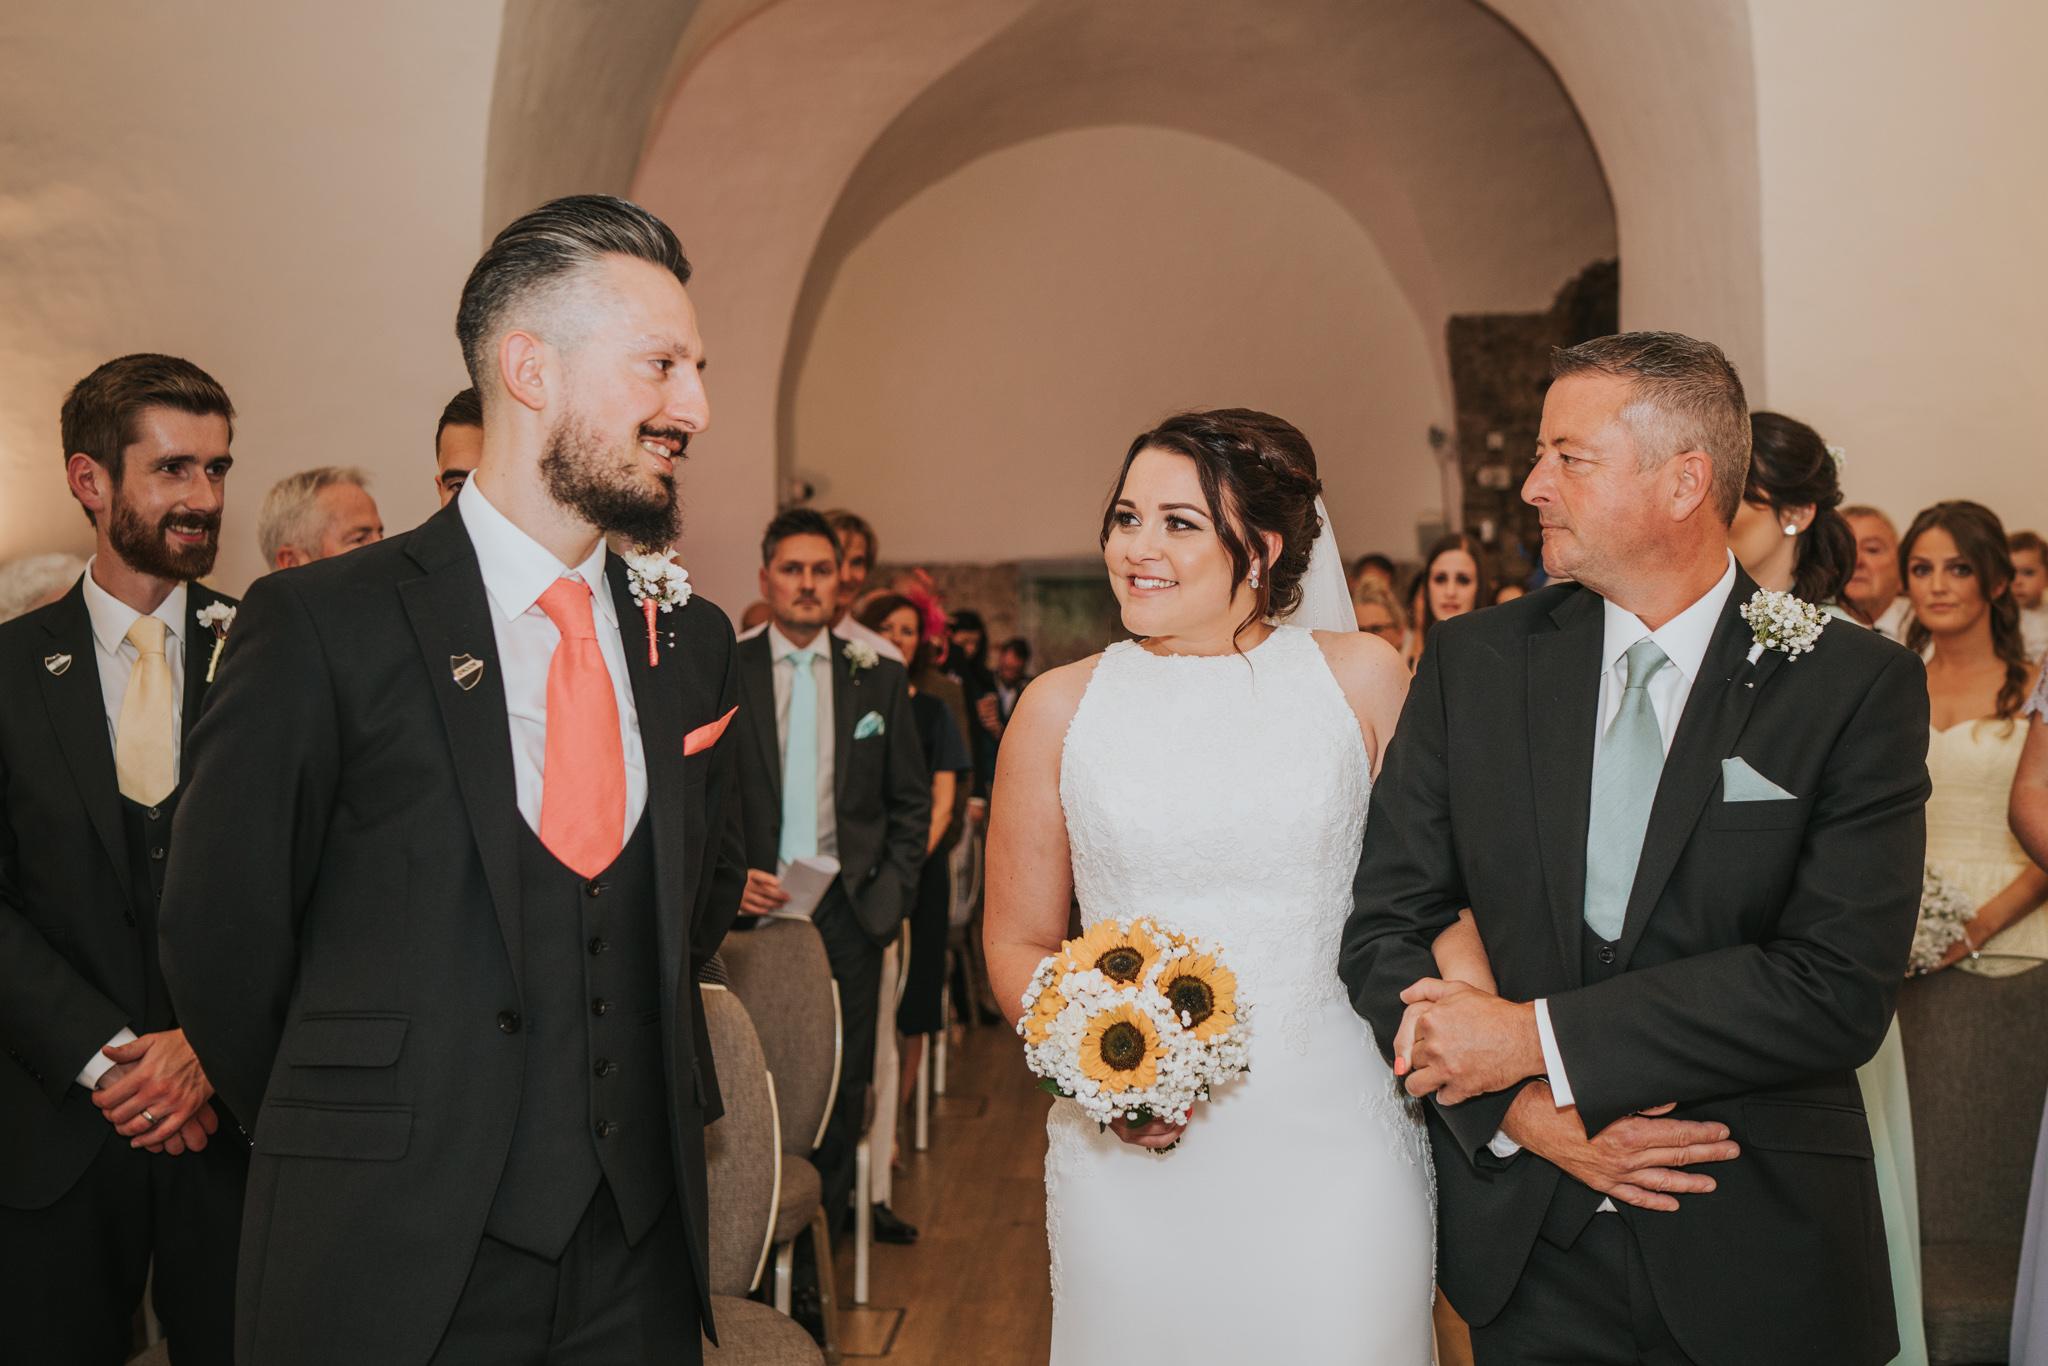 Joe-Tiffany-Colchester-Castle-Wedding-Essex-Grace-Elizabeth-Colchester-Essex-Alternative-Wedding-Photographer-Suffolk-Norfolk-Devon (48 of 122).jpg